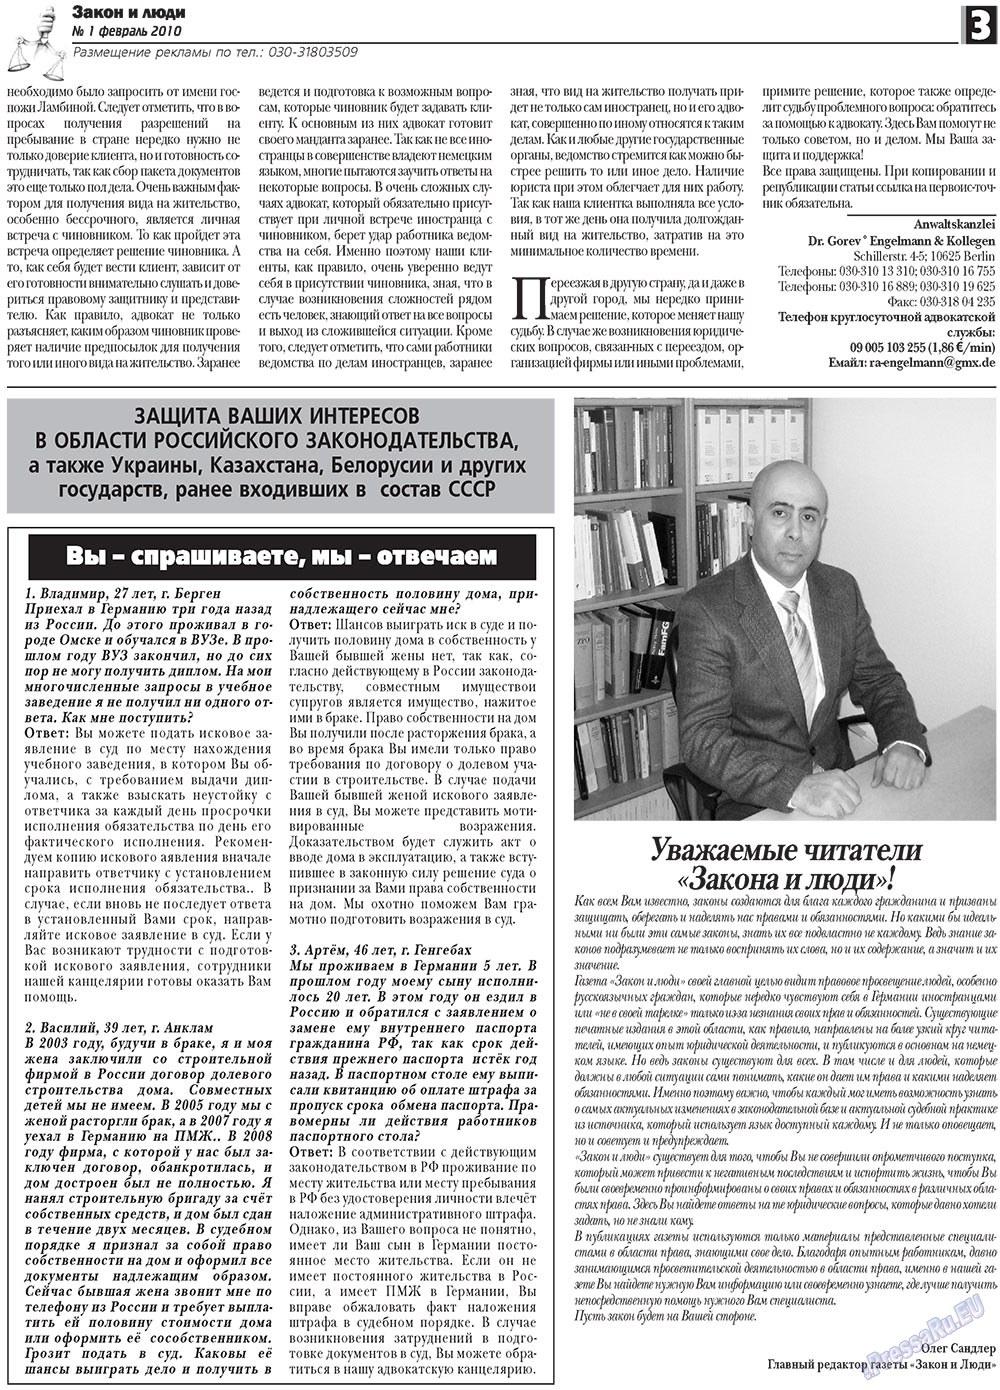 Закон и люди (газета). 2010 год, номер 1, стр. 3